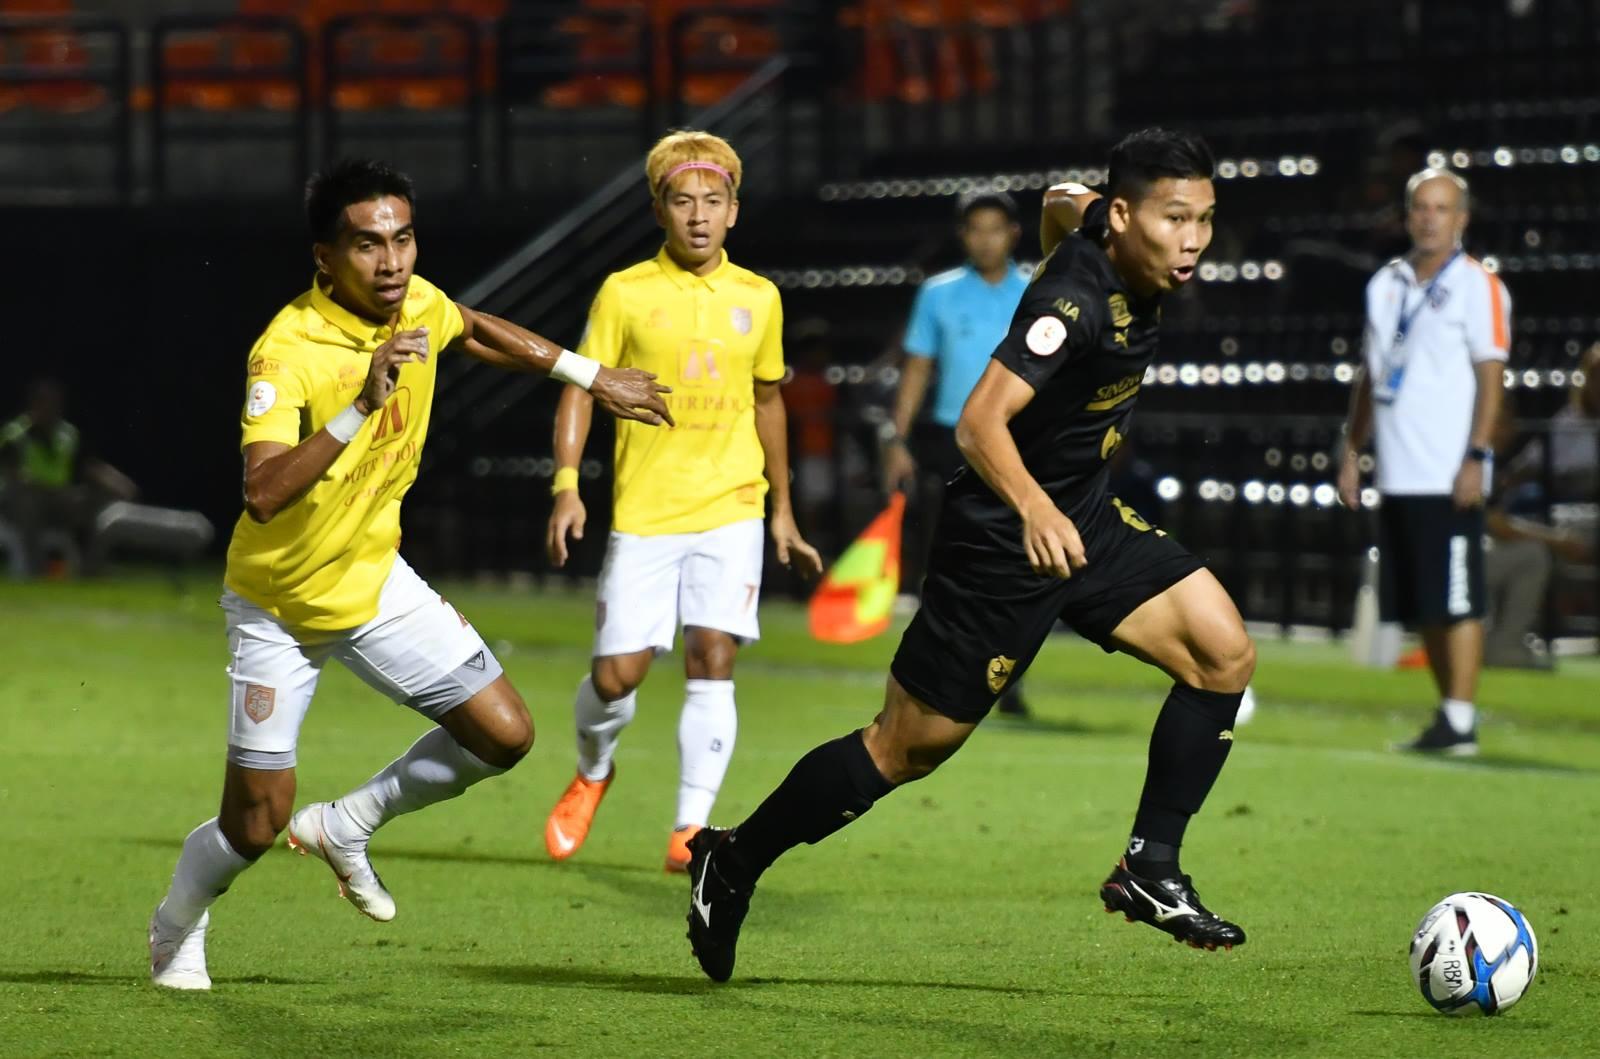 Image result for เชียงรายบุกโซ้ยราชบุรี10คนคาถิ่น 0-4